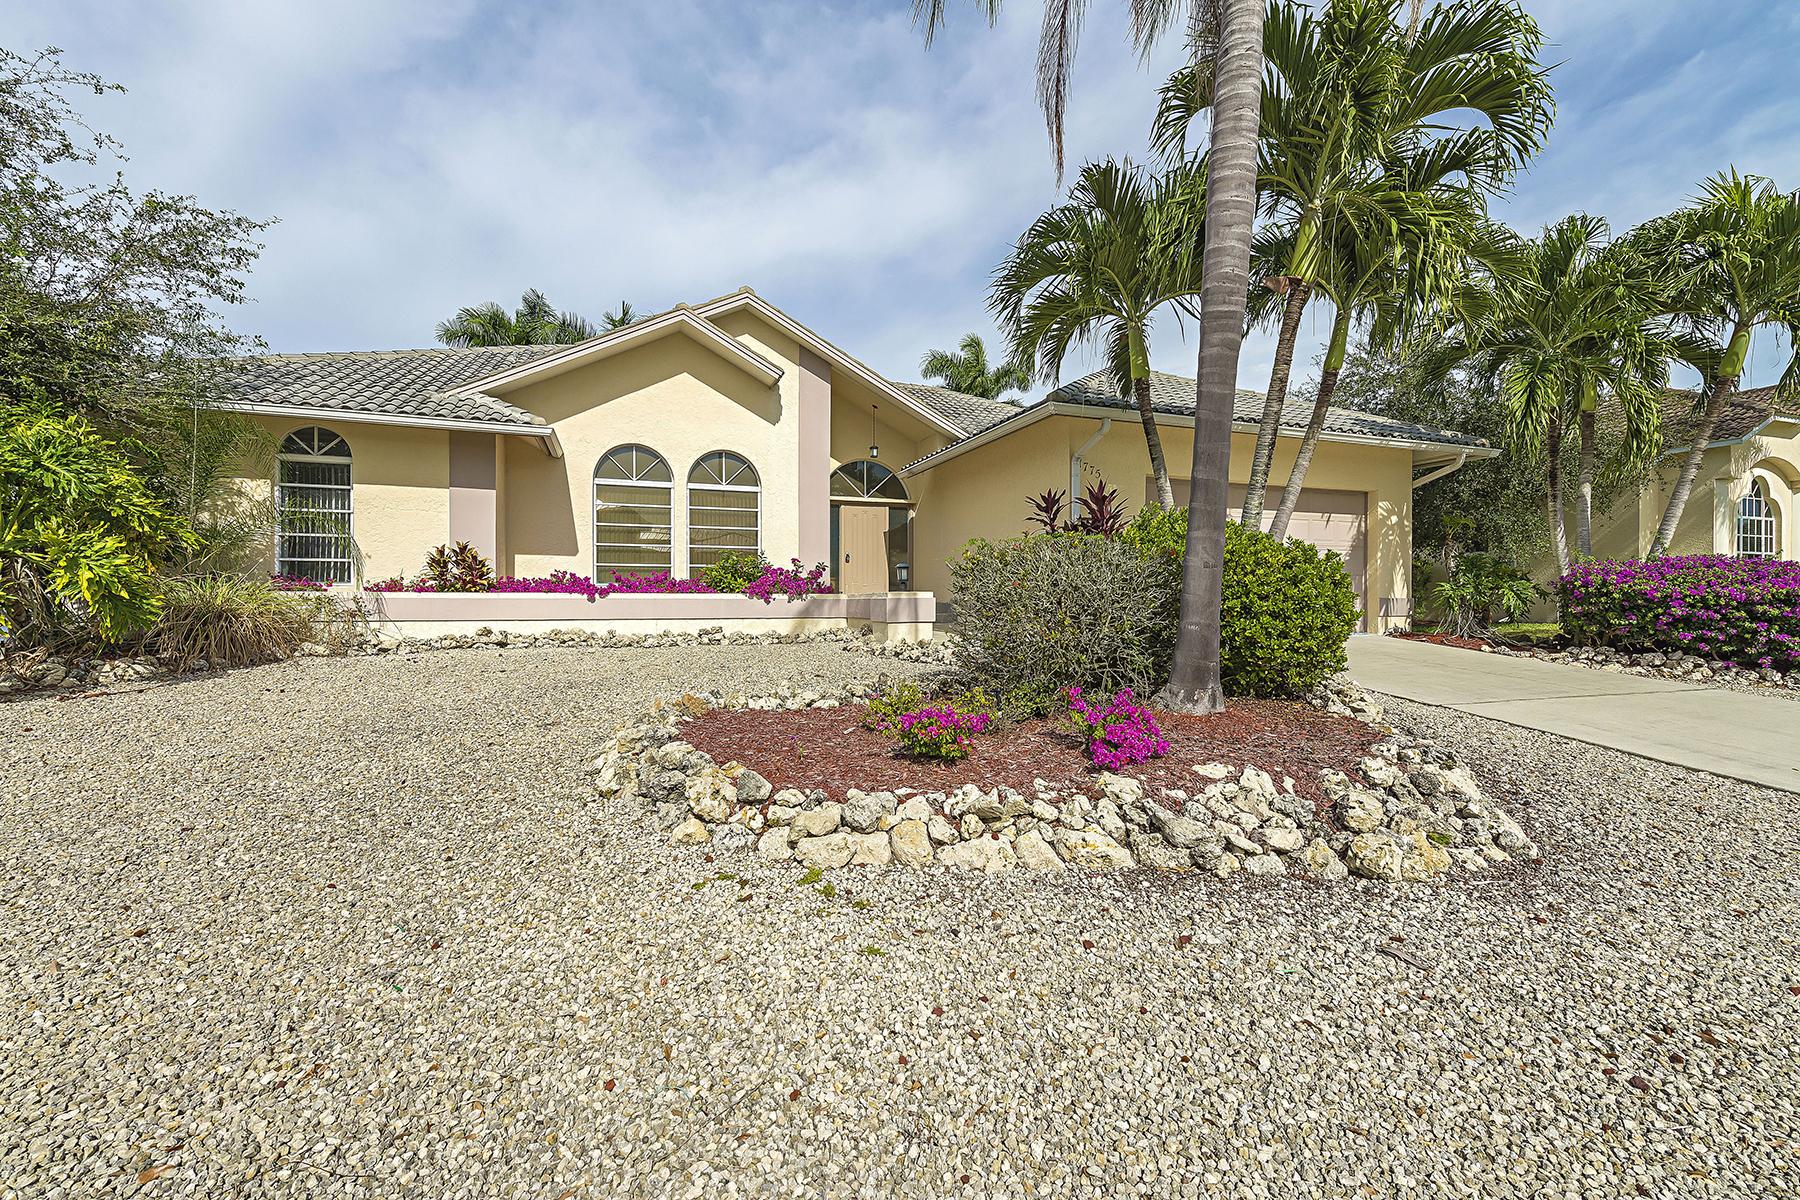 Tek Ailelik Ev için Satış at MARCO ISLAND - WATERFALL CT. 1775 Waterfall Ct Marco Island, Florida, 34145 Amerika Birleşik Devletleri